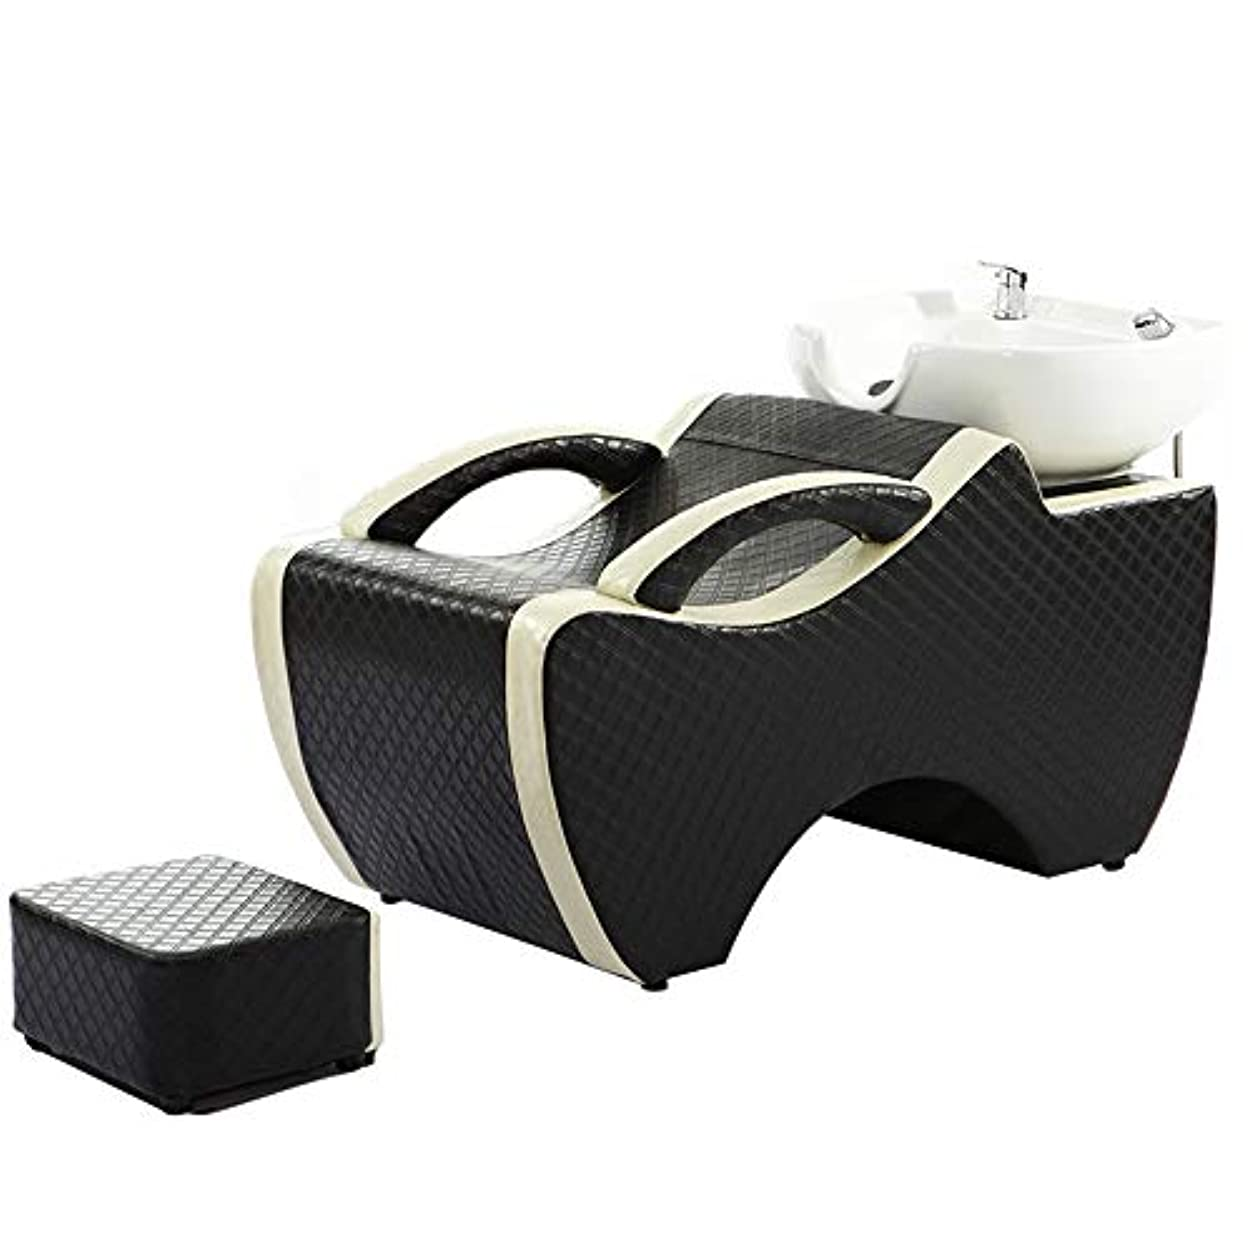 実用的飲料スタジオシャンプー椅子、逆洗ユニットシャンプーボウル理髪シンク椅子用スパ美容院ベッドセラミック洗面台